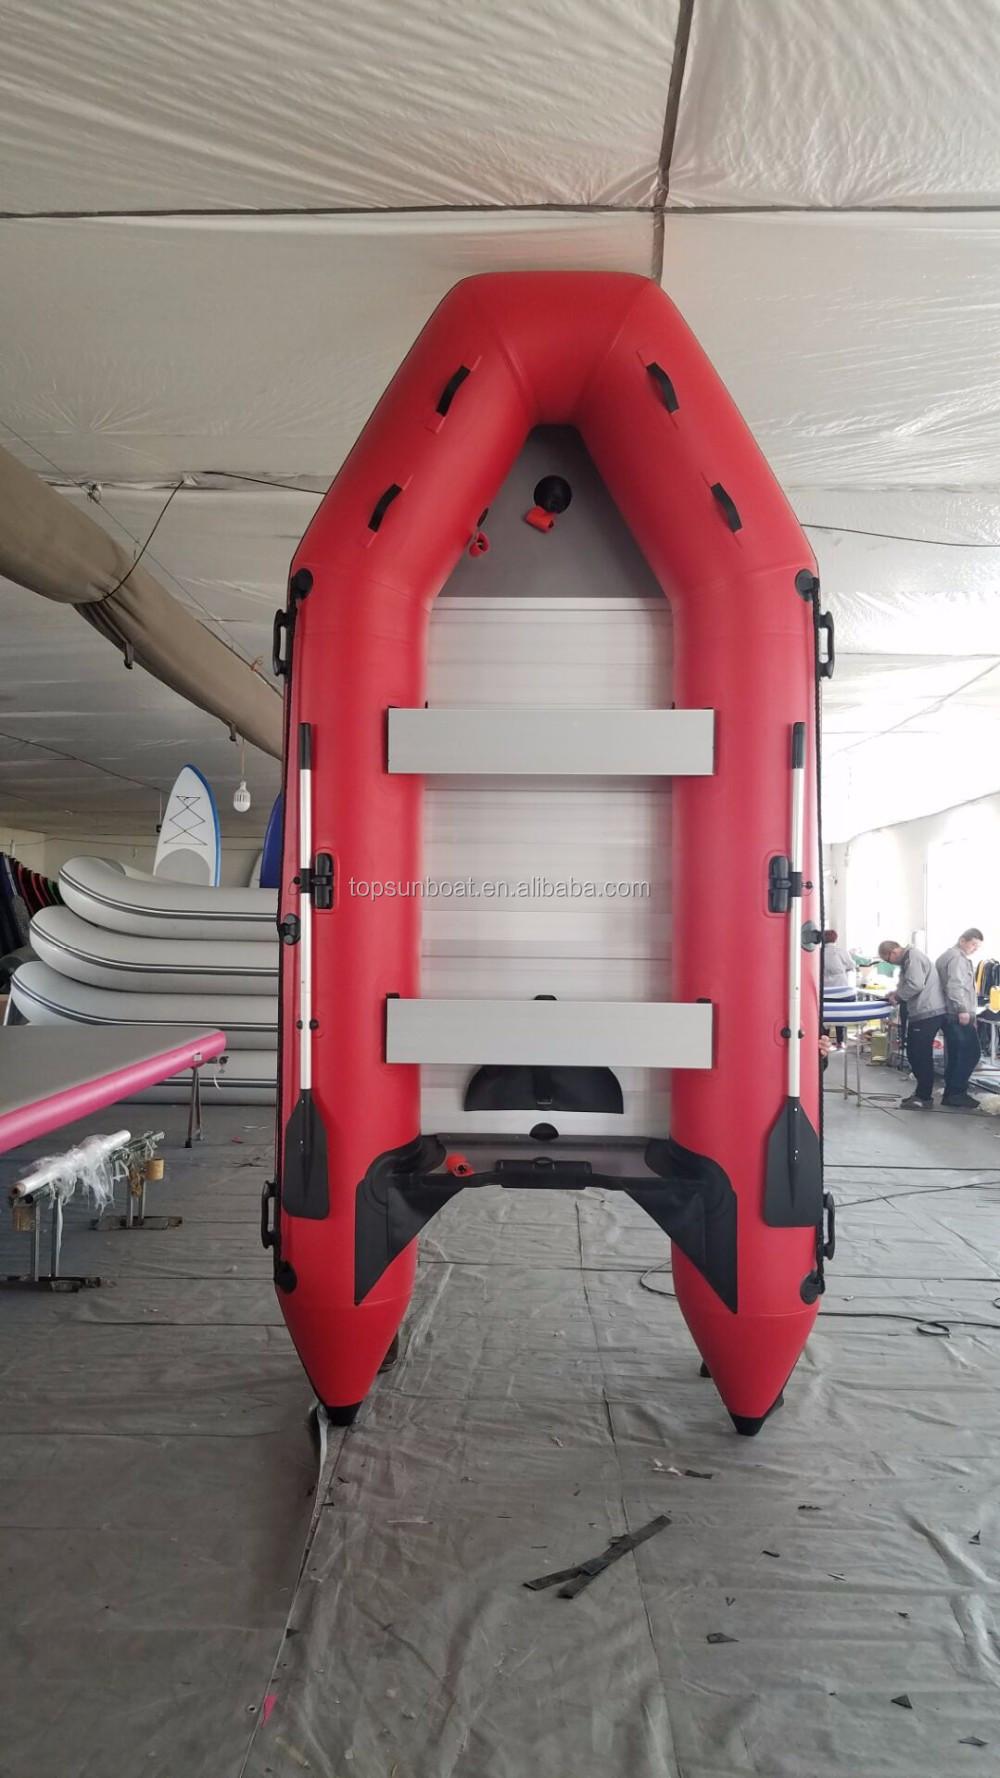 продаж двигателей для надувных лодок